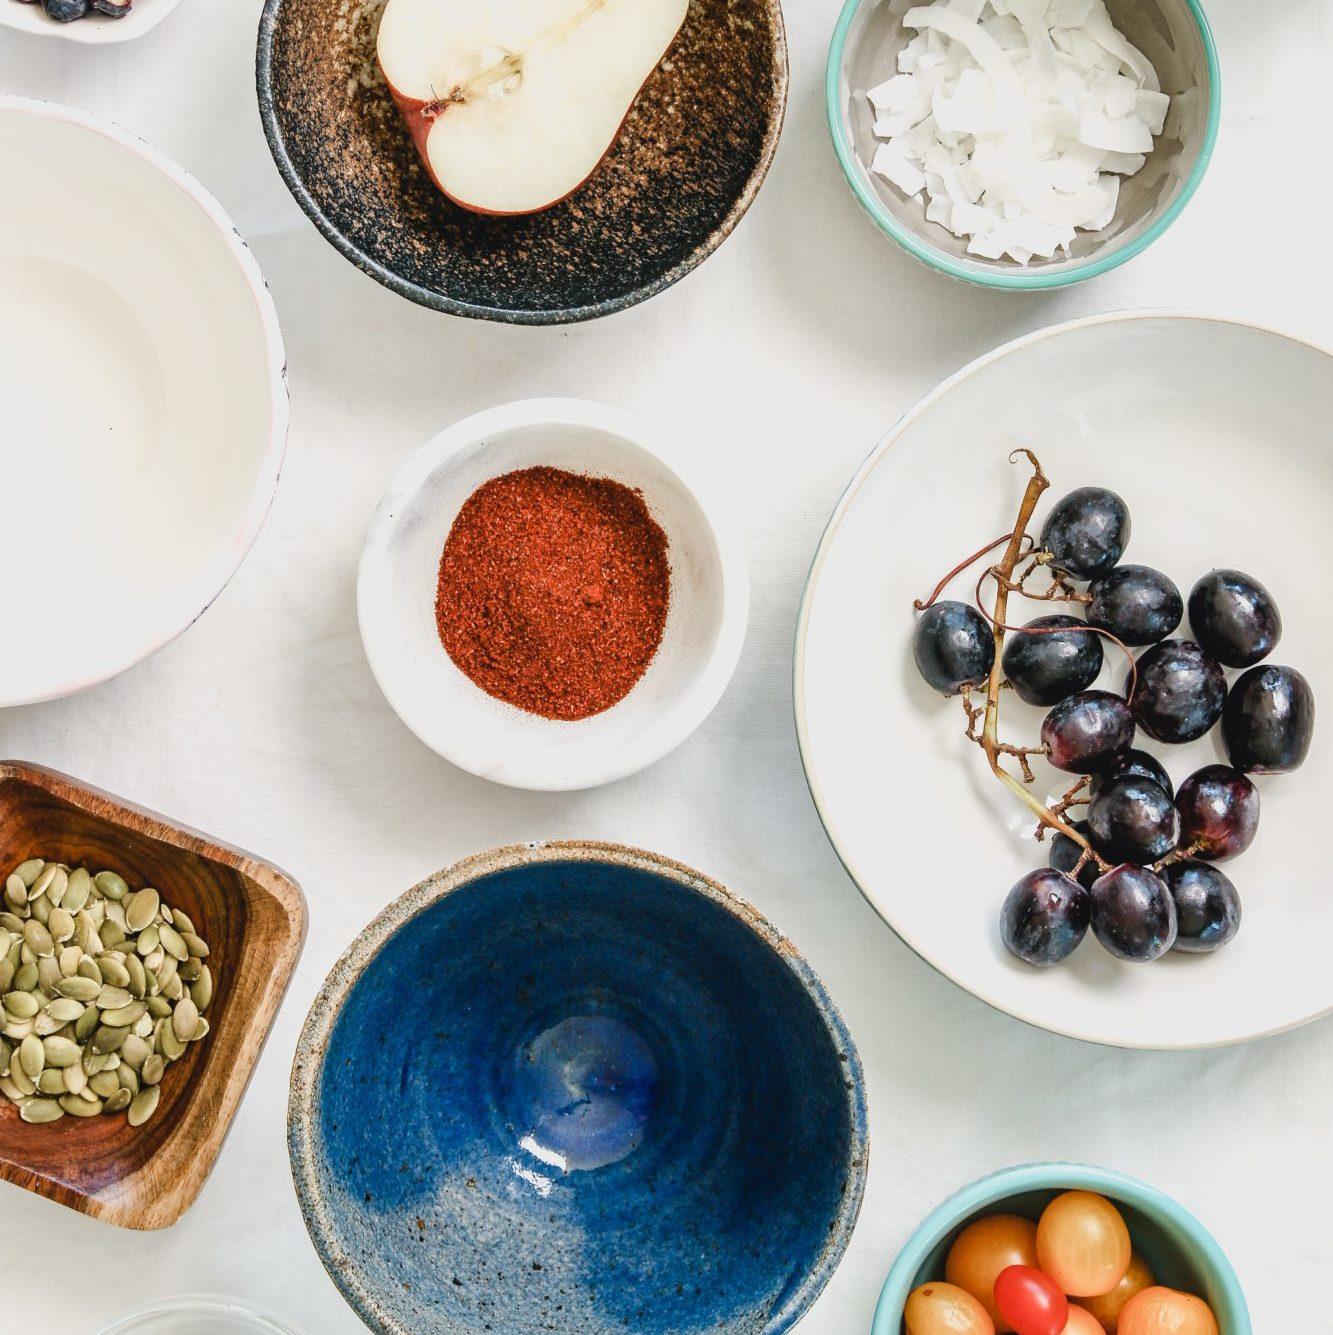 Aumentá las defensas: 9 alimentos para tener un sistema imunológico fuerte